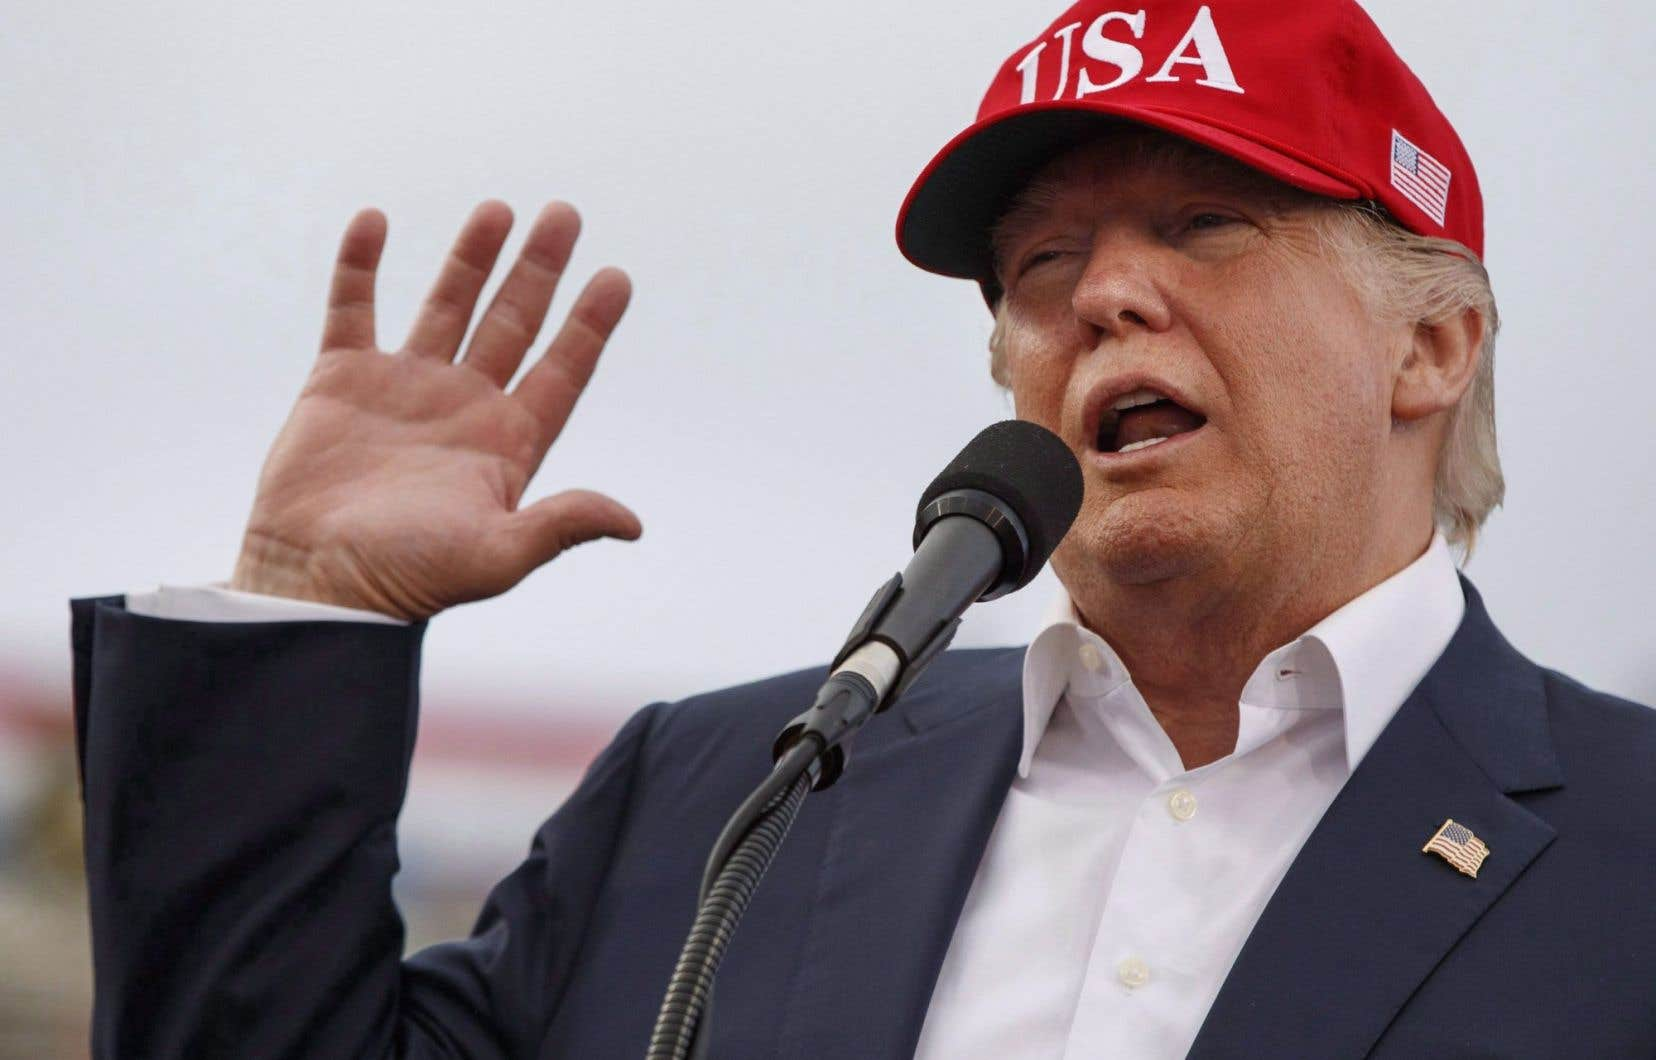 Le président désigné Donald Trump a affirmé qu'il abolira des douzaines de règlements environnementaux ayant été préparés sur la foi de résultats scientifiques.